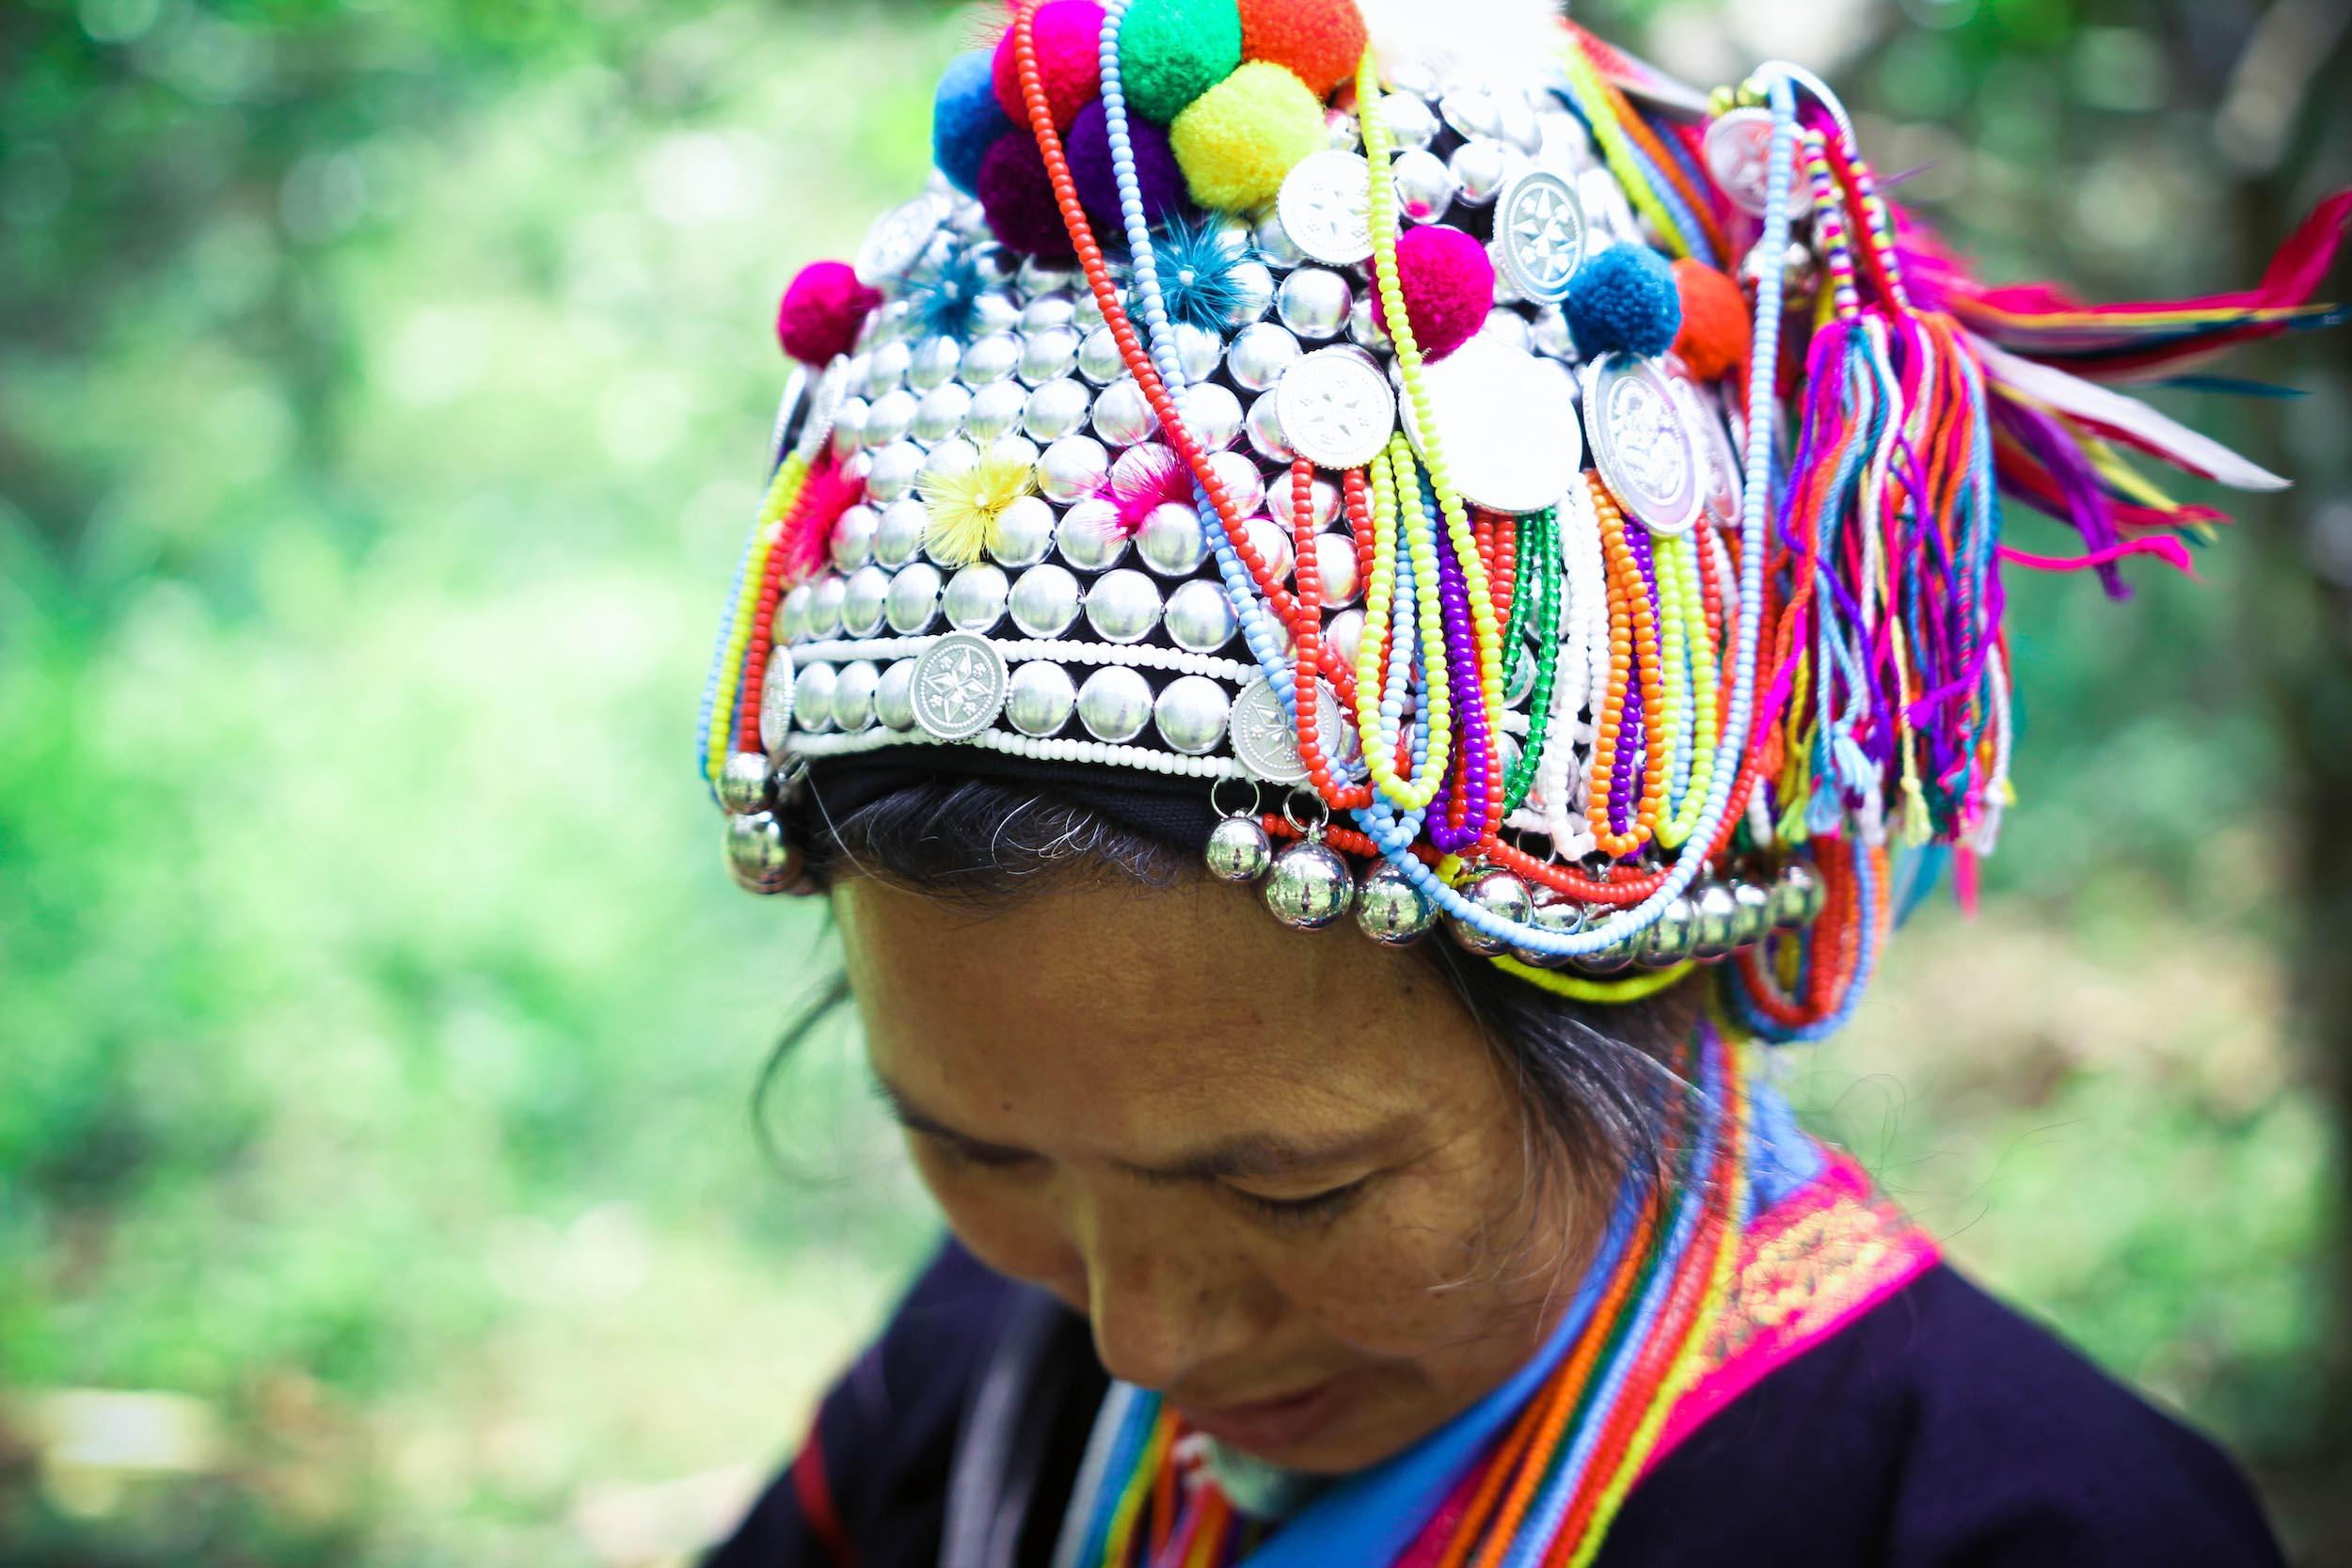 Buma from Tea Farmers of Yunnan - 2016, © Jin Zhao